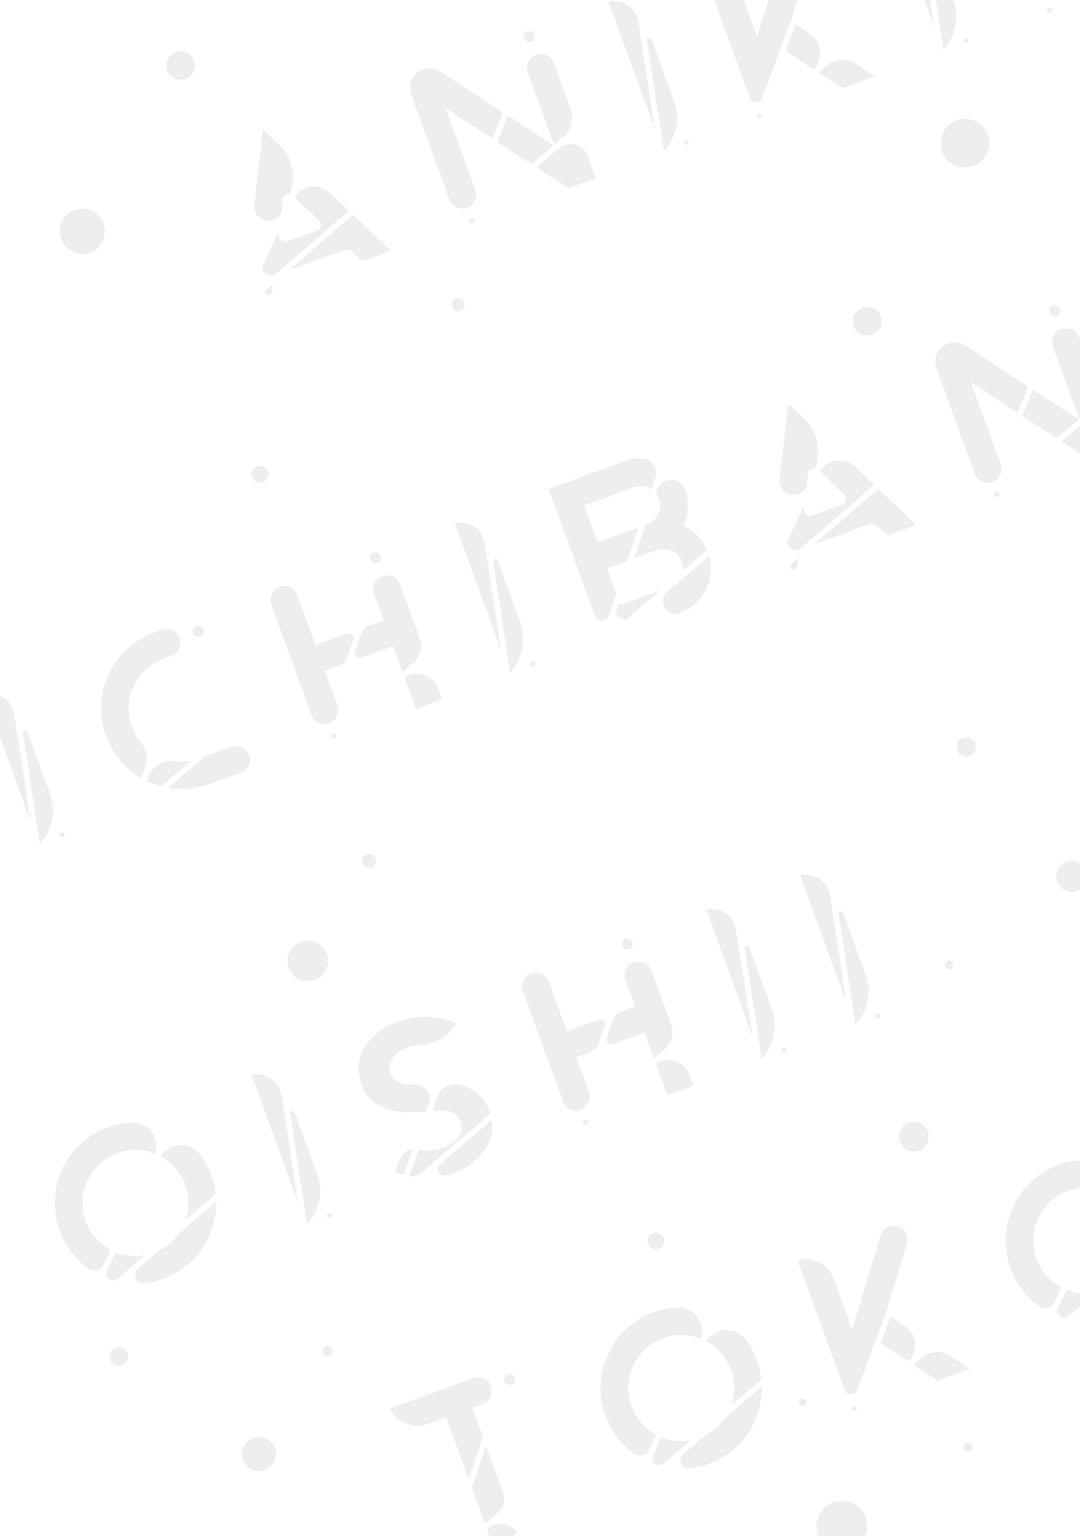 Aniki no ichiban Oishii Tokoro | 老哥最可口的部位 act.1—4 133